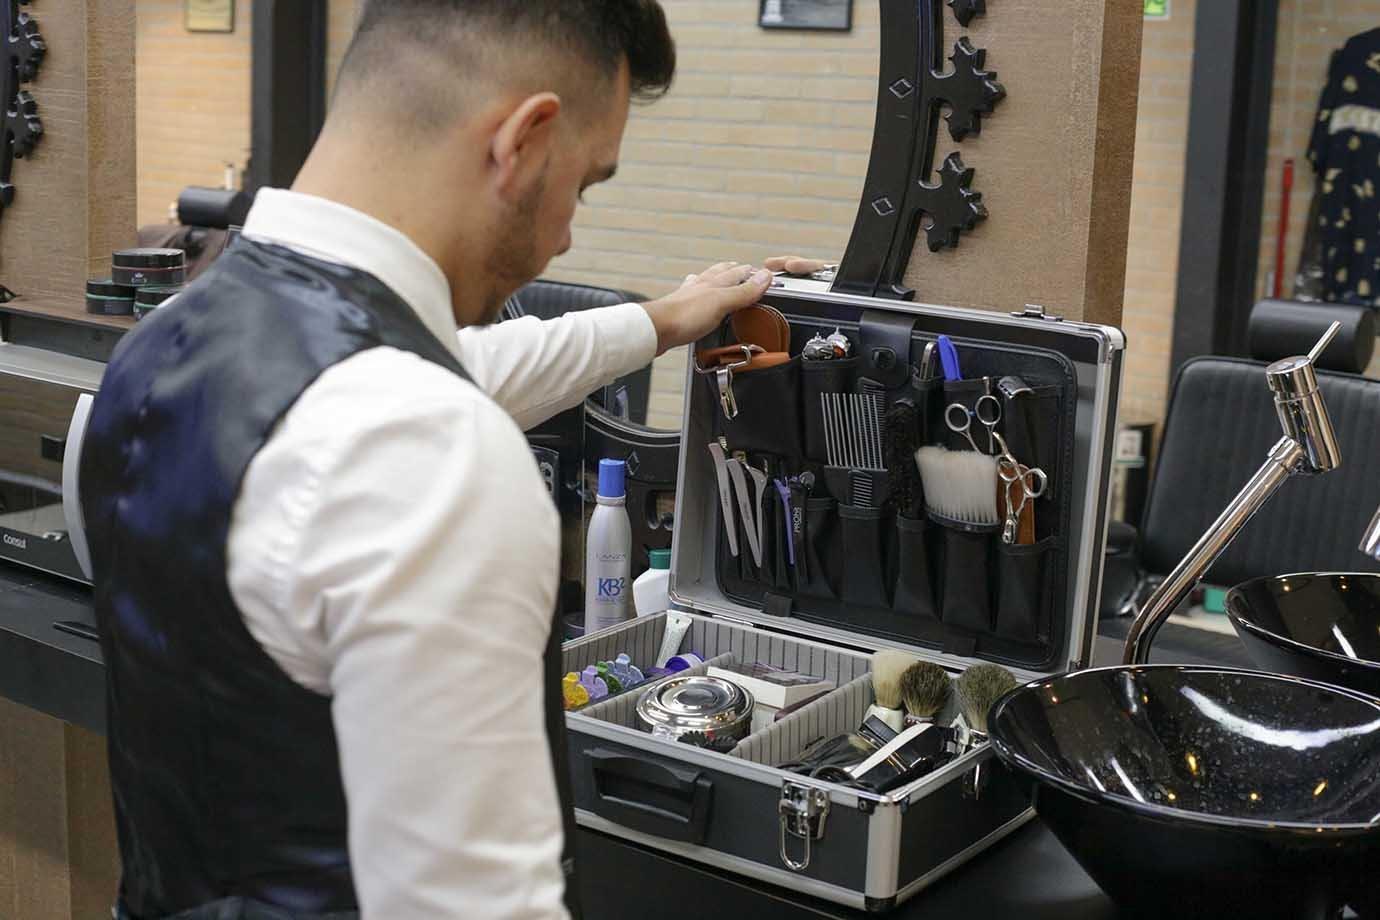 Barbeiro pega utensílios em unidade do Rei da Barba